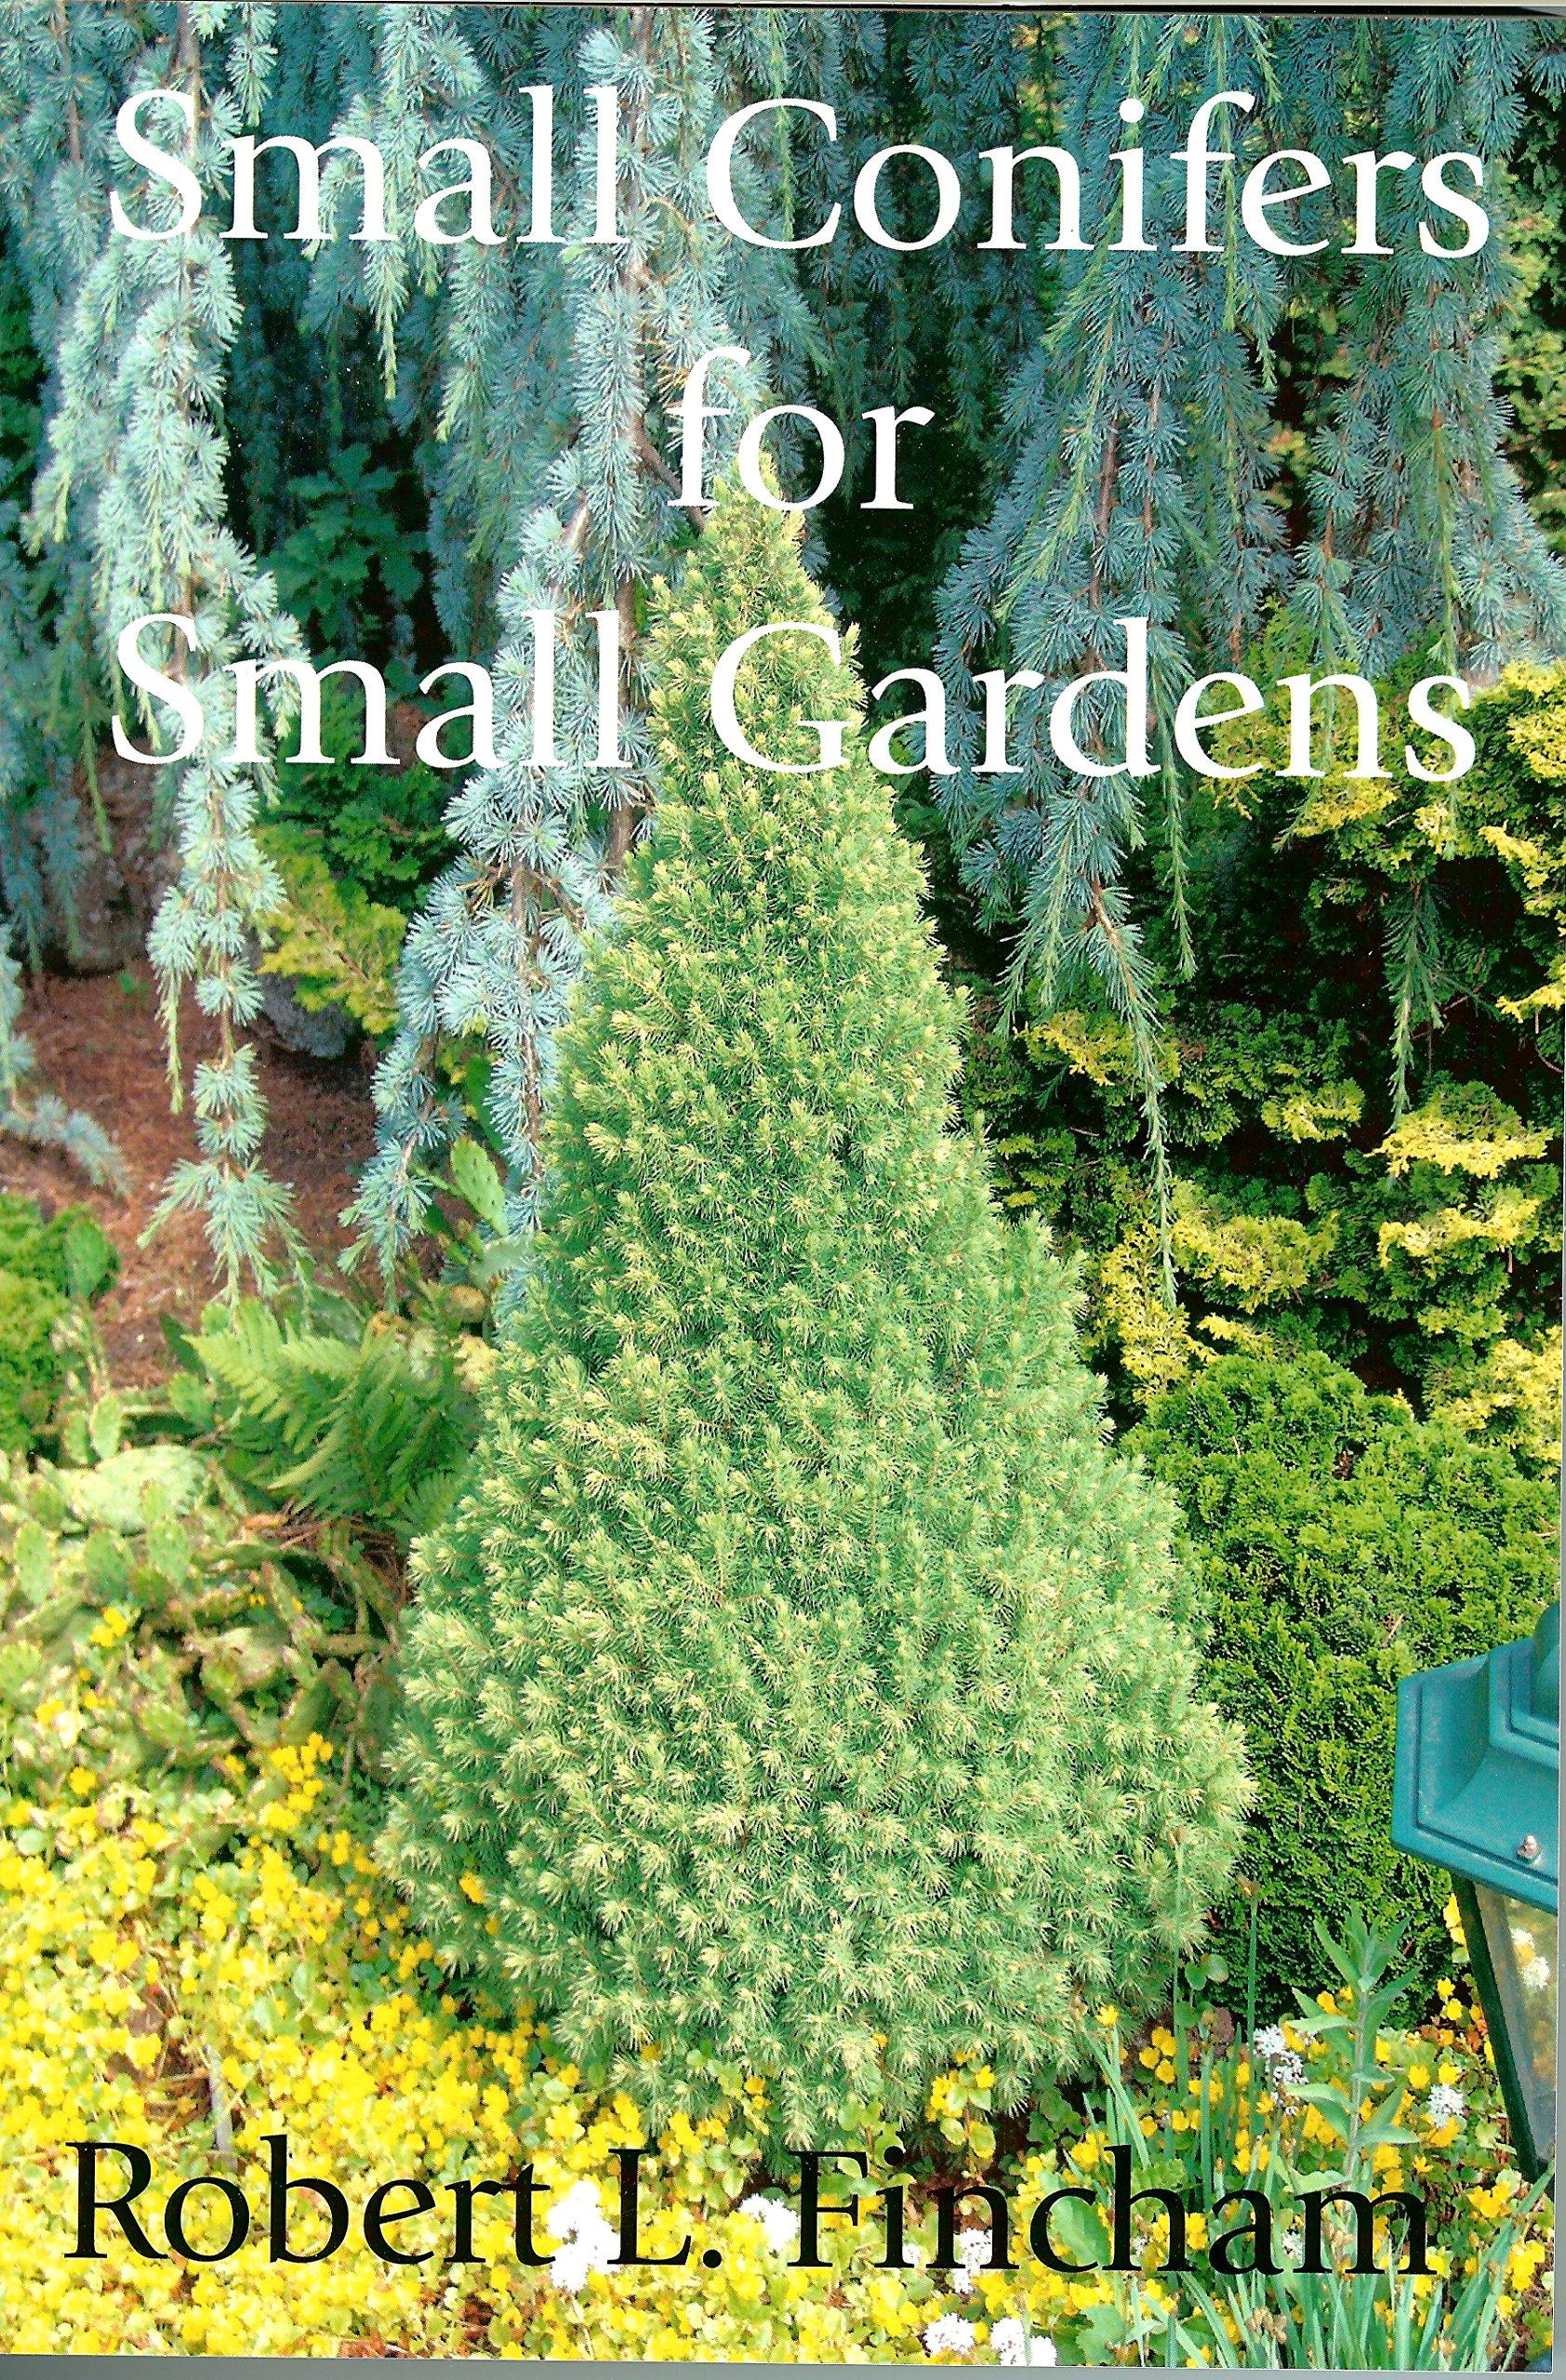 Small Conifers For Small Gardens: Robert L. Fincham: 9780983735403:  Amazon.com: Books